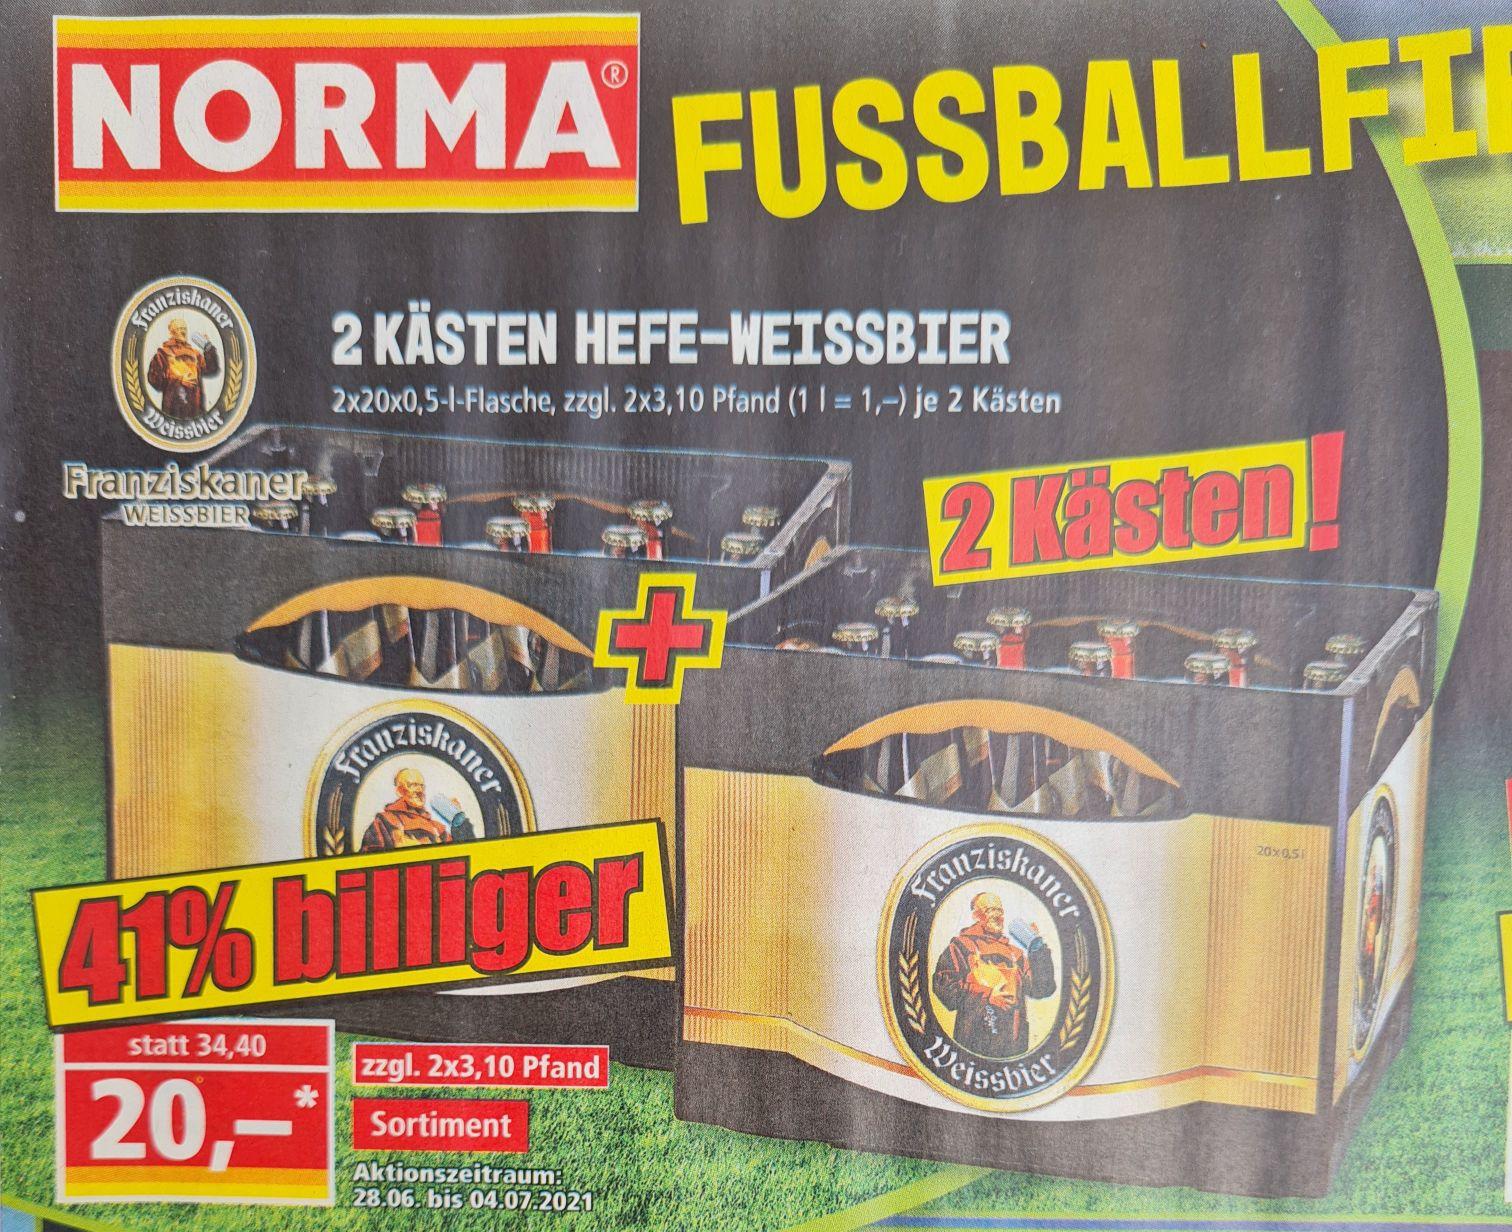 2 Kästen Franziskaner-Hefe-Weissbier 2x20x0,5 l Flaschen zzgl Pfand ab 28.06 Norma (Lokal?)